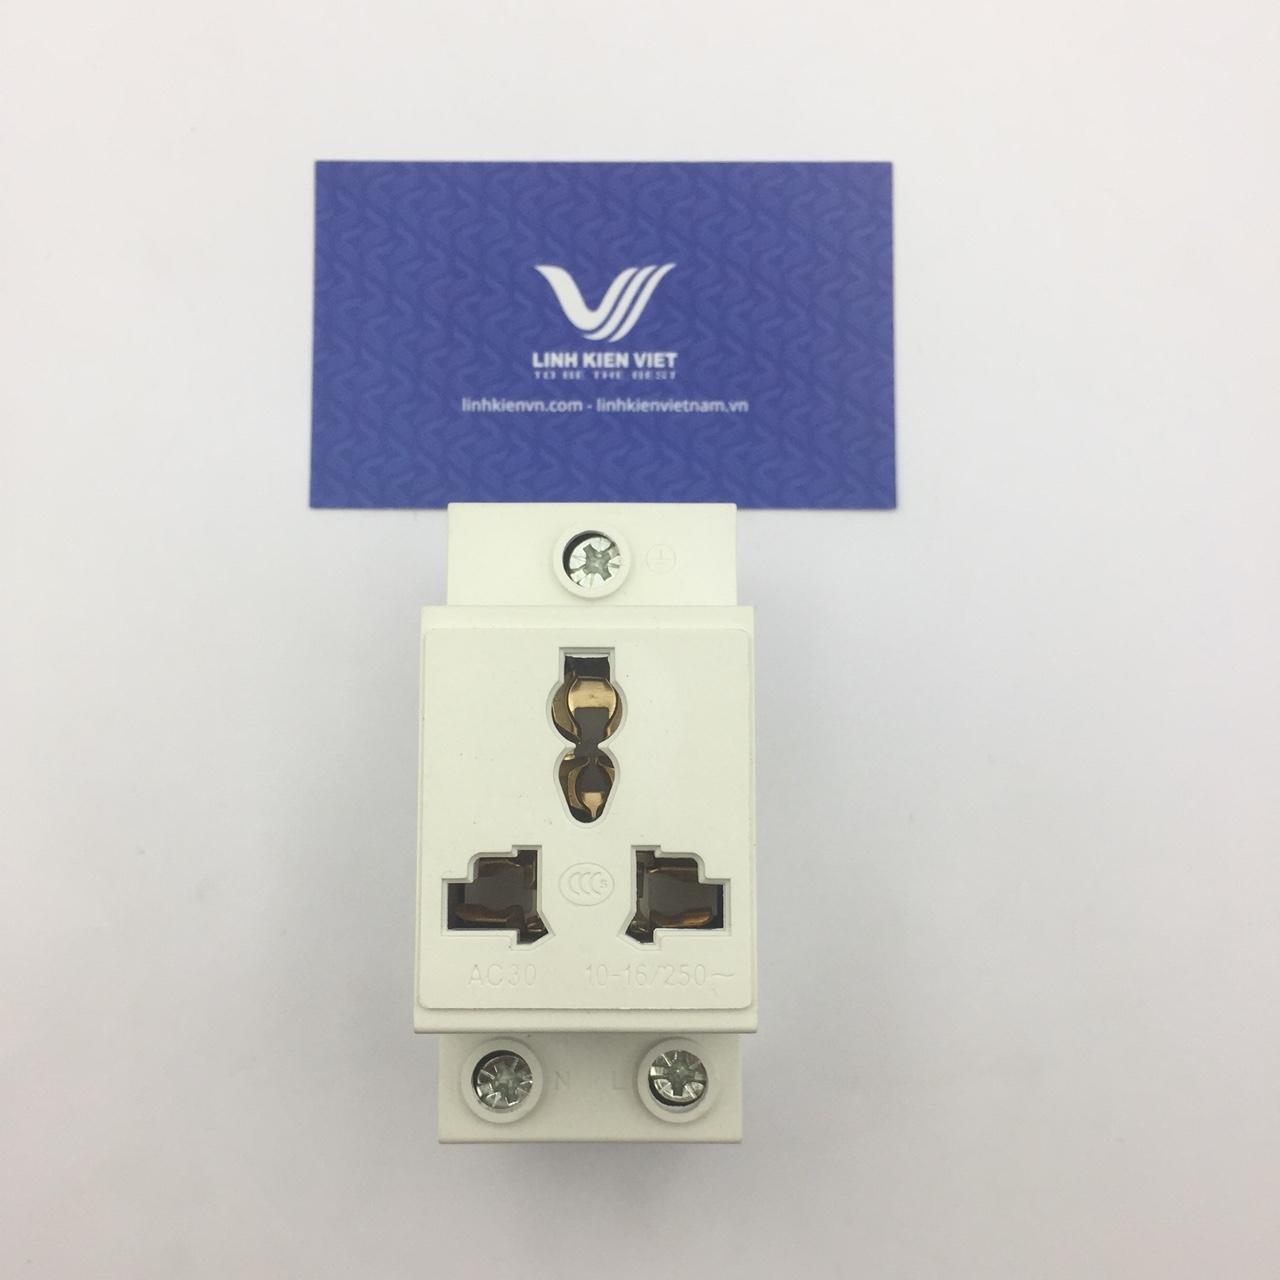 Ổ cắm cài 3 chân 16A/250V lắp đặt trong tủ điện i9H15